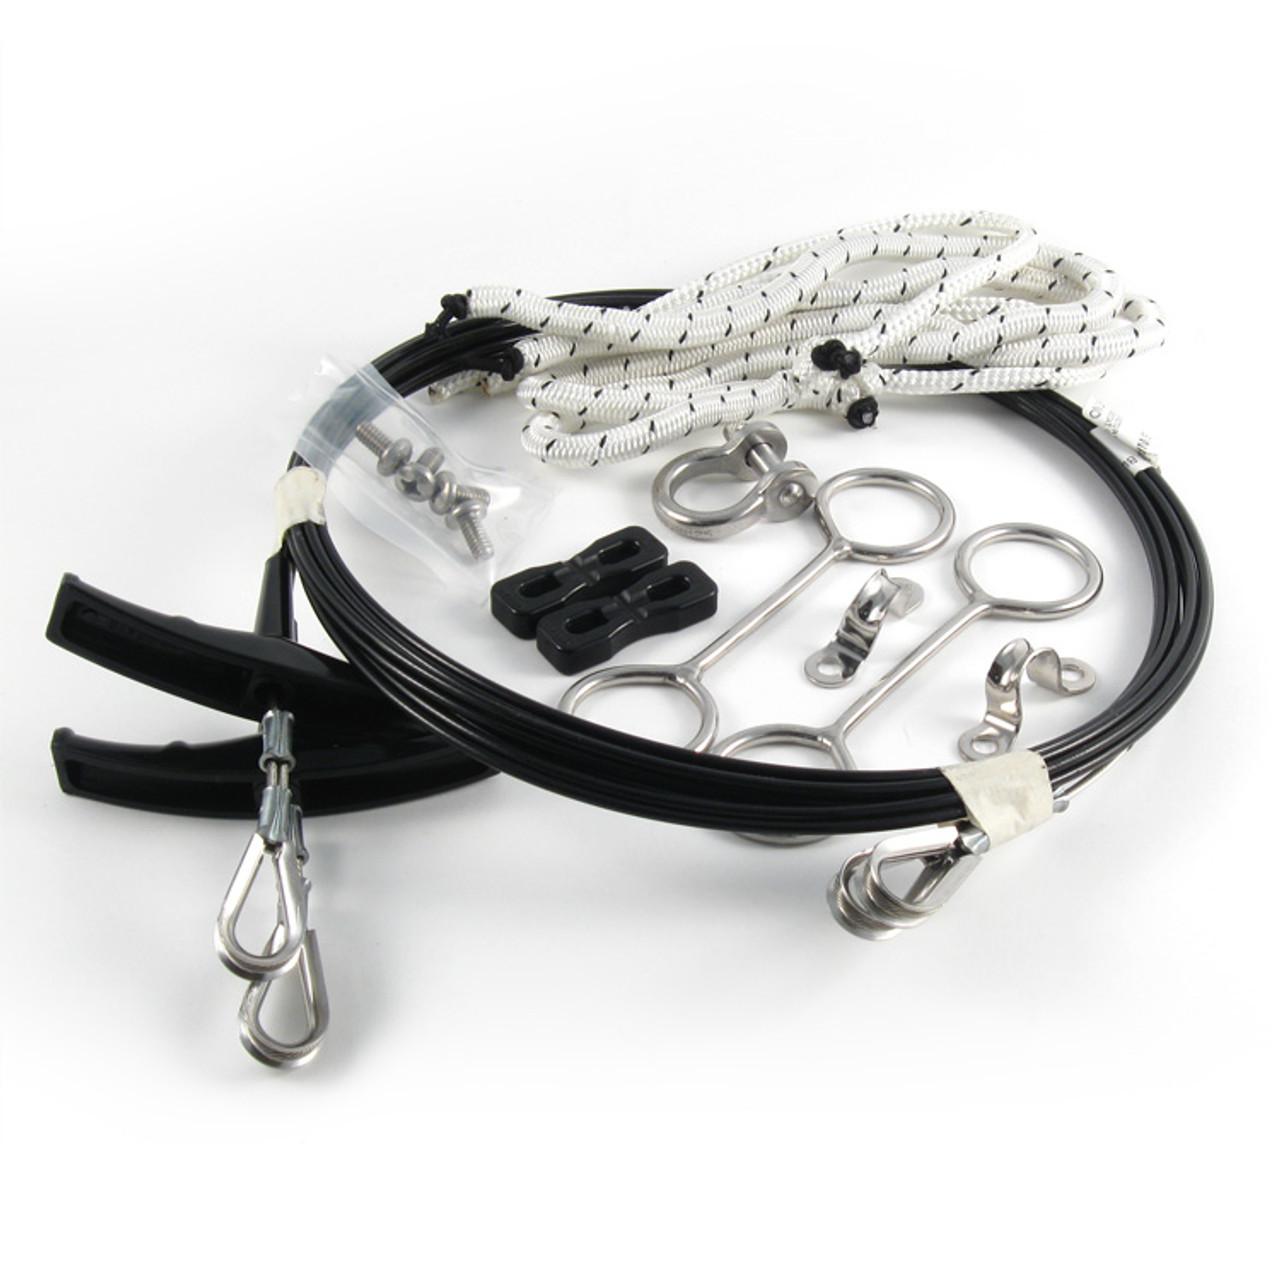 Hobie Cat Trapeze Rig Adjustable Kit Double